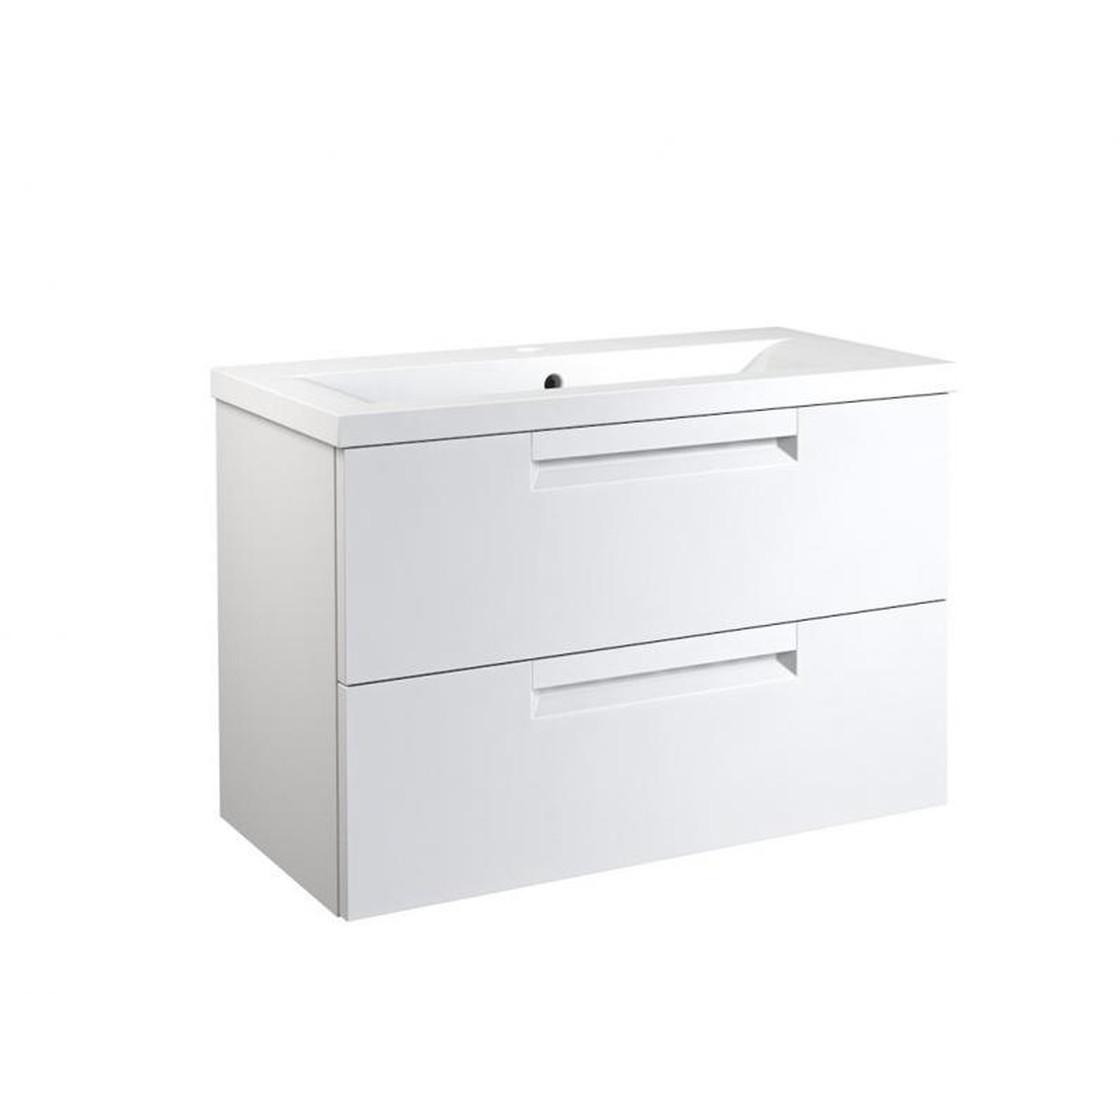 Vidamar Milano Waschtischunterschrank Mit 2 Schubladen Waschtisch